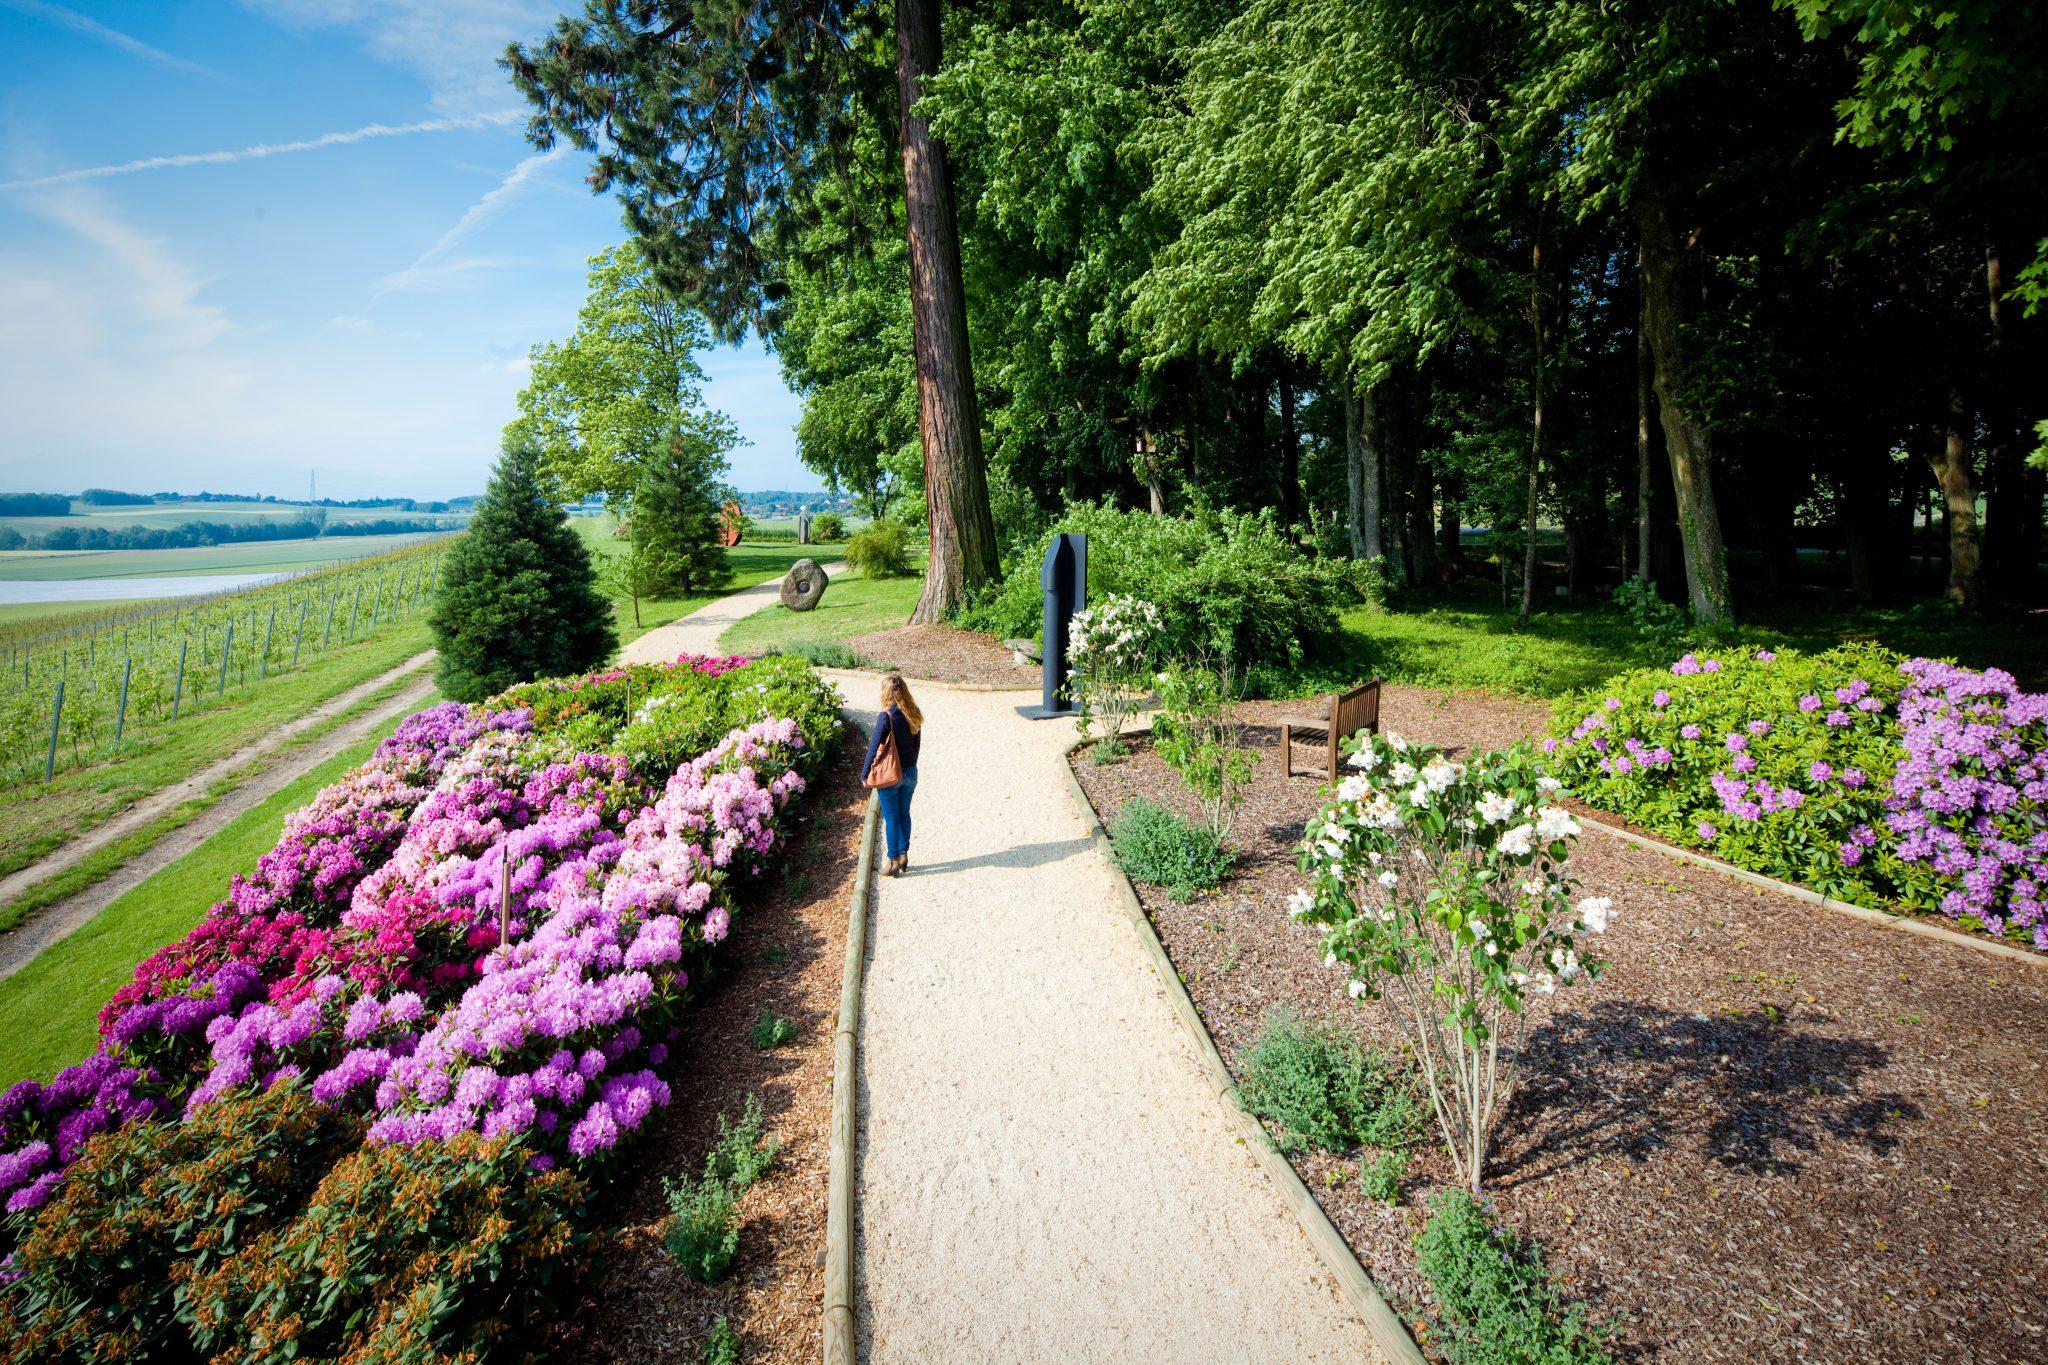 daria_garden_jardin_des_iris_regiscolombo